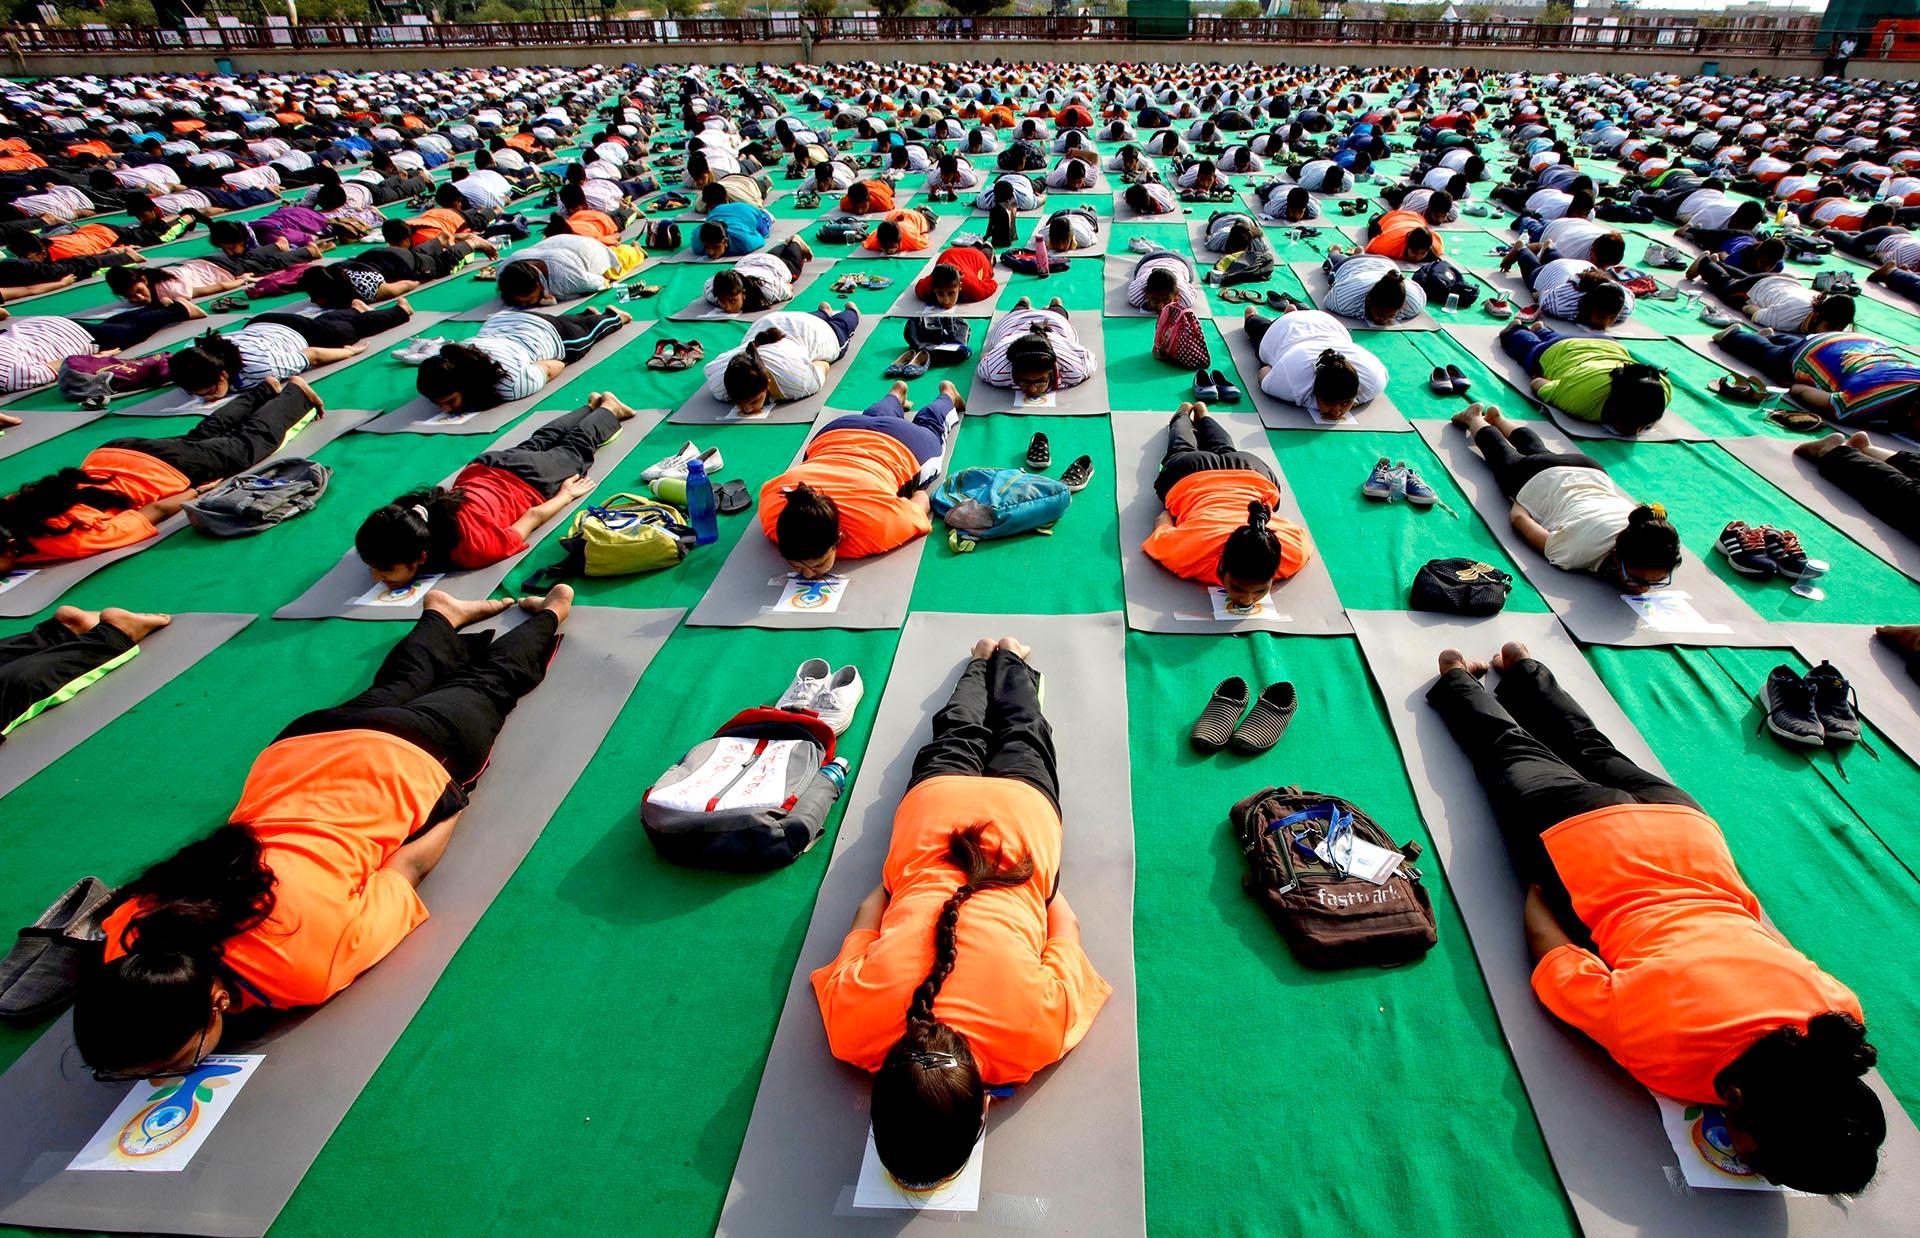 Miles de personas celebran el Día Internacional del Yoga, tomando una clase en Lucknow, India